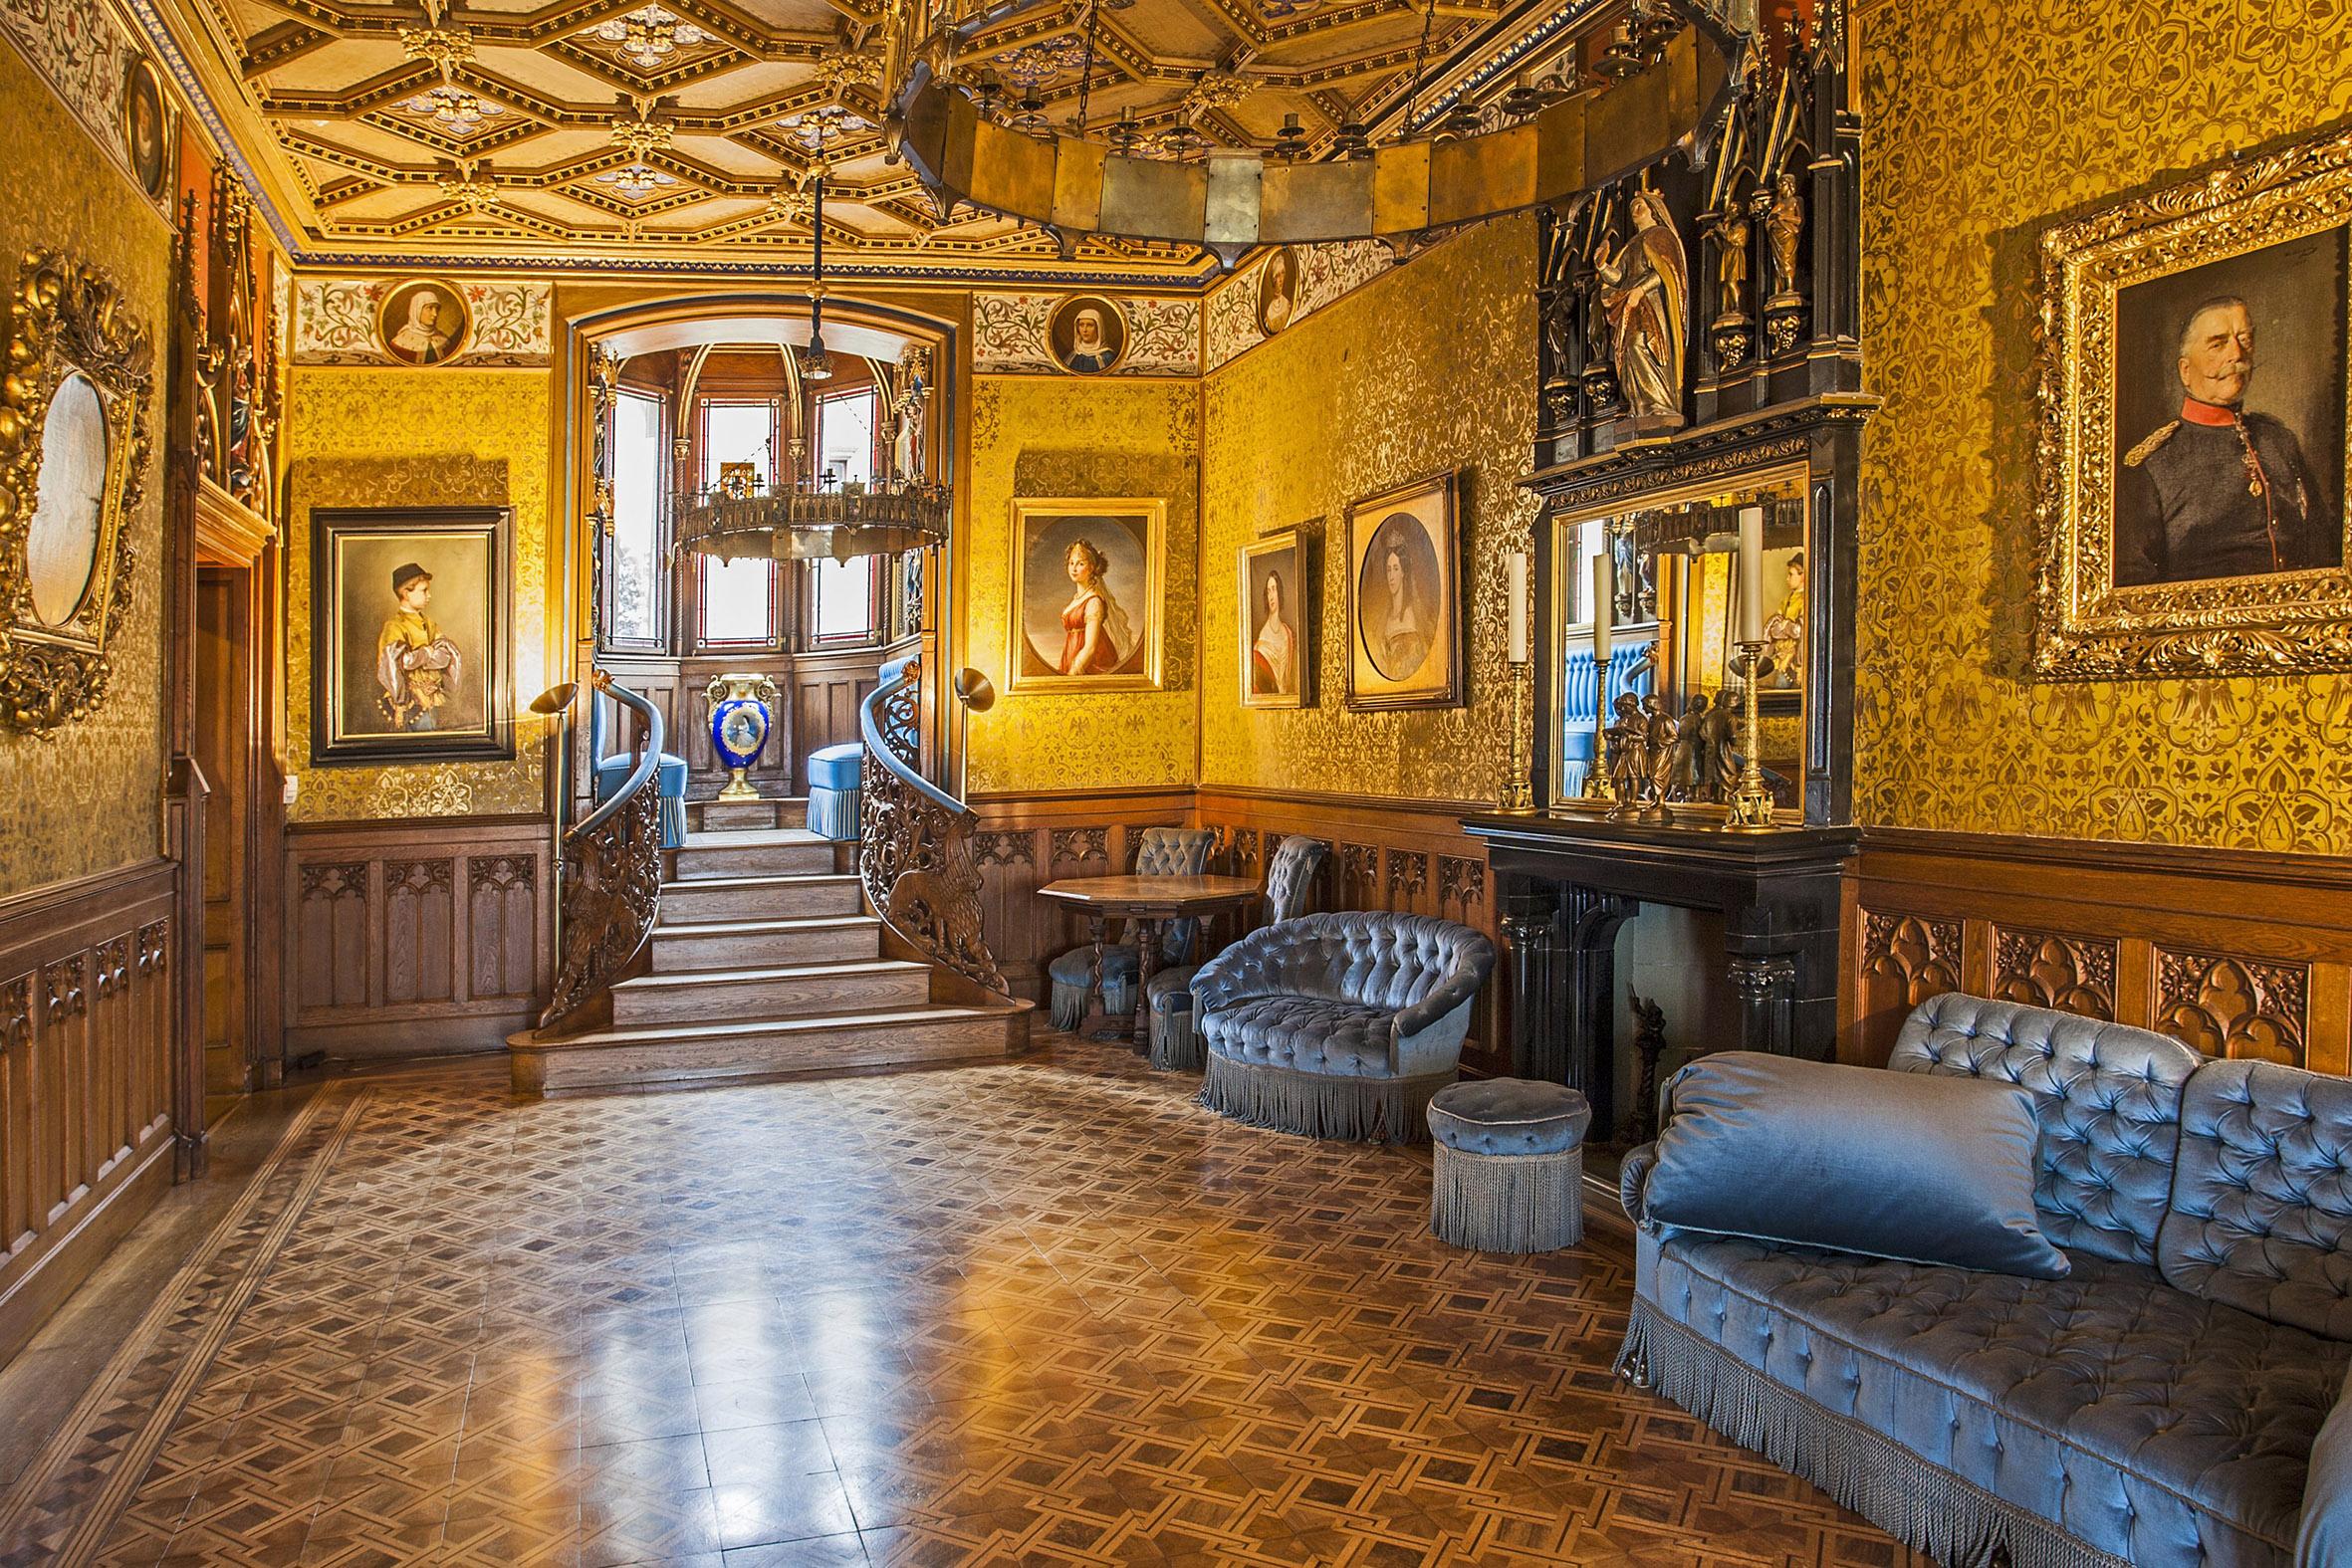 王妃の間。青の家具で統一されており「ブルーサロン」とも呼ばれる